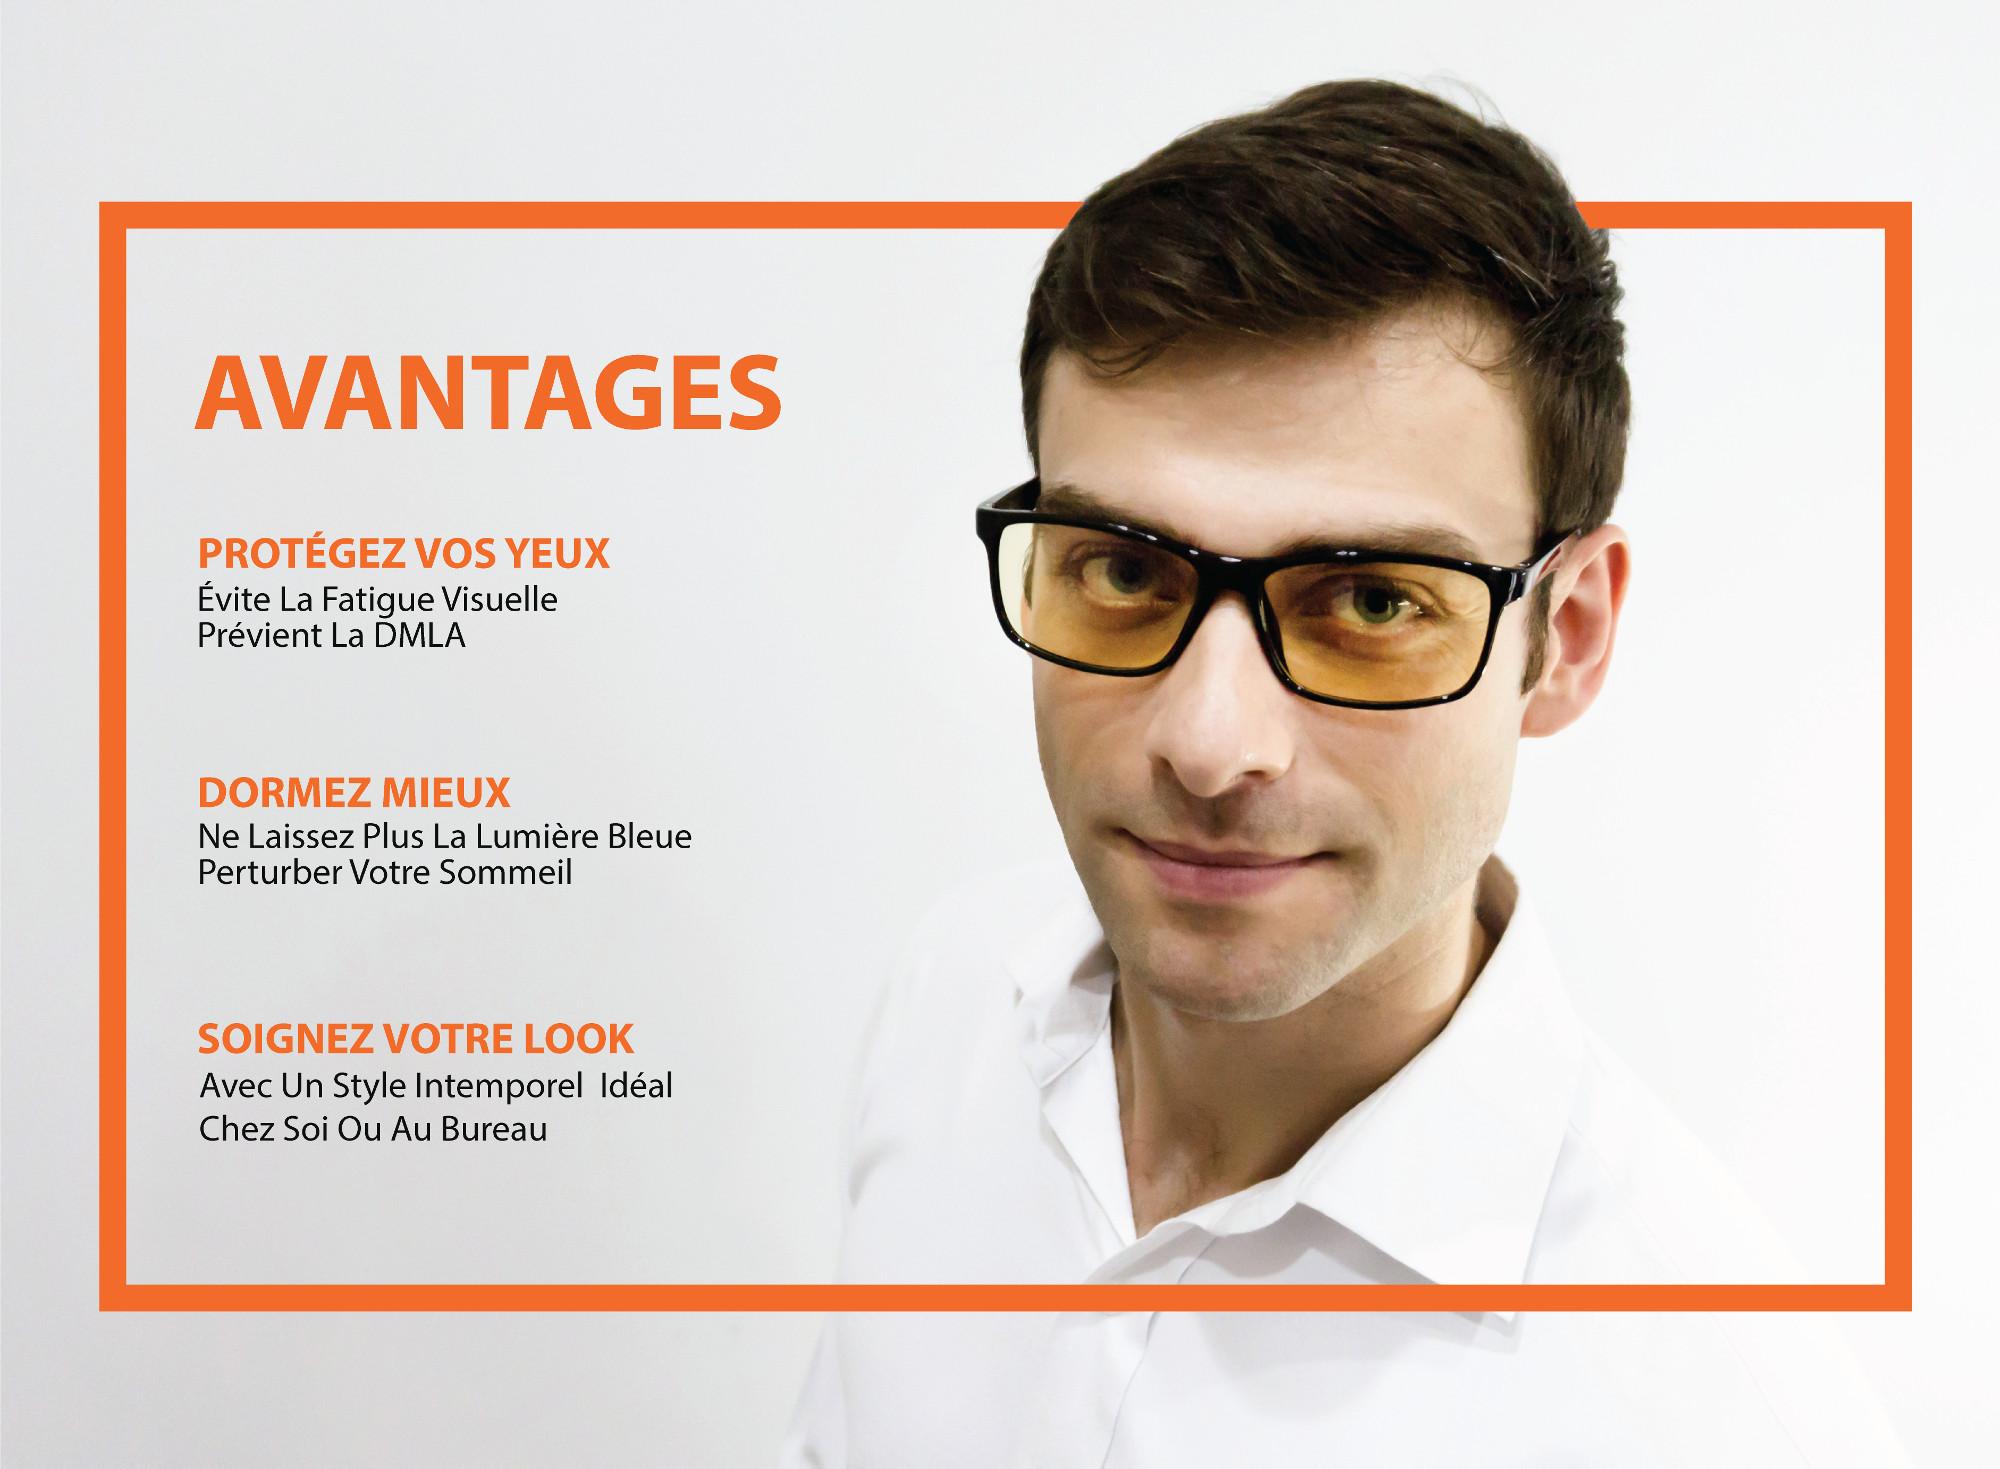 lunettes anti lumi re bleue prot gez vos yeux avec style. Black Bedroom Furniture Sets. Home Design Ideas